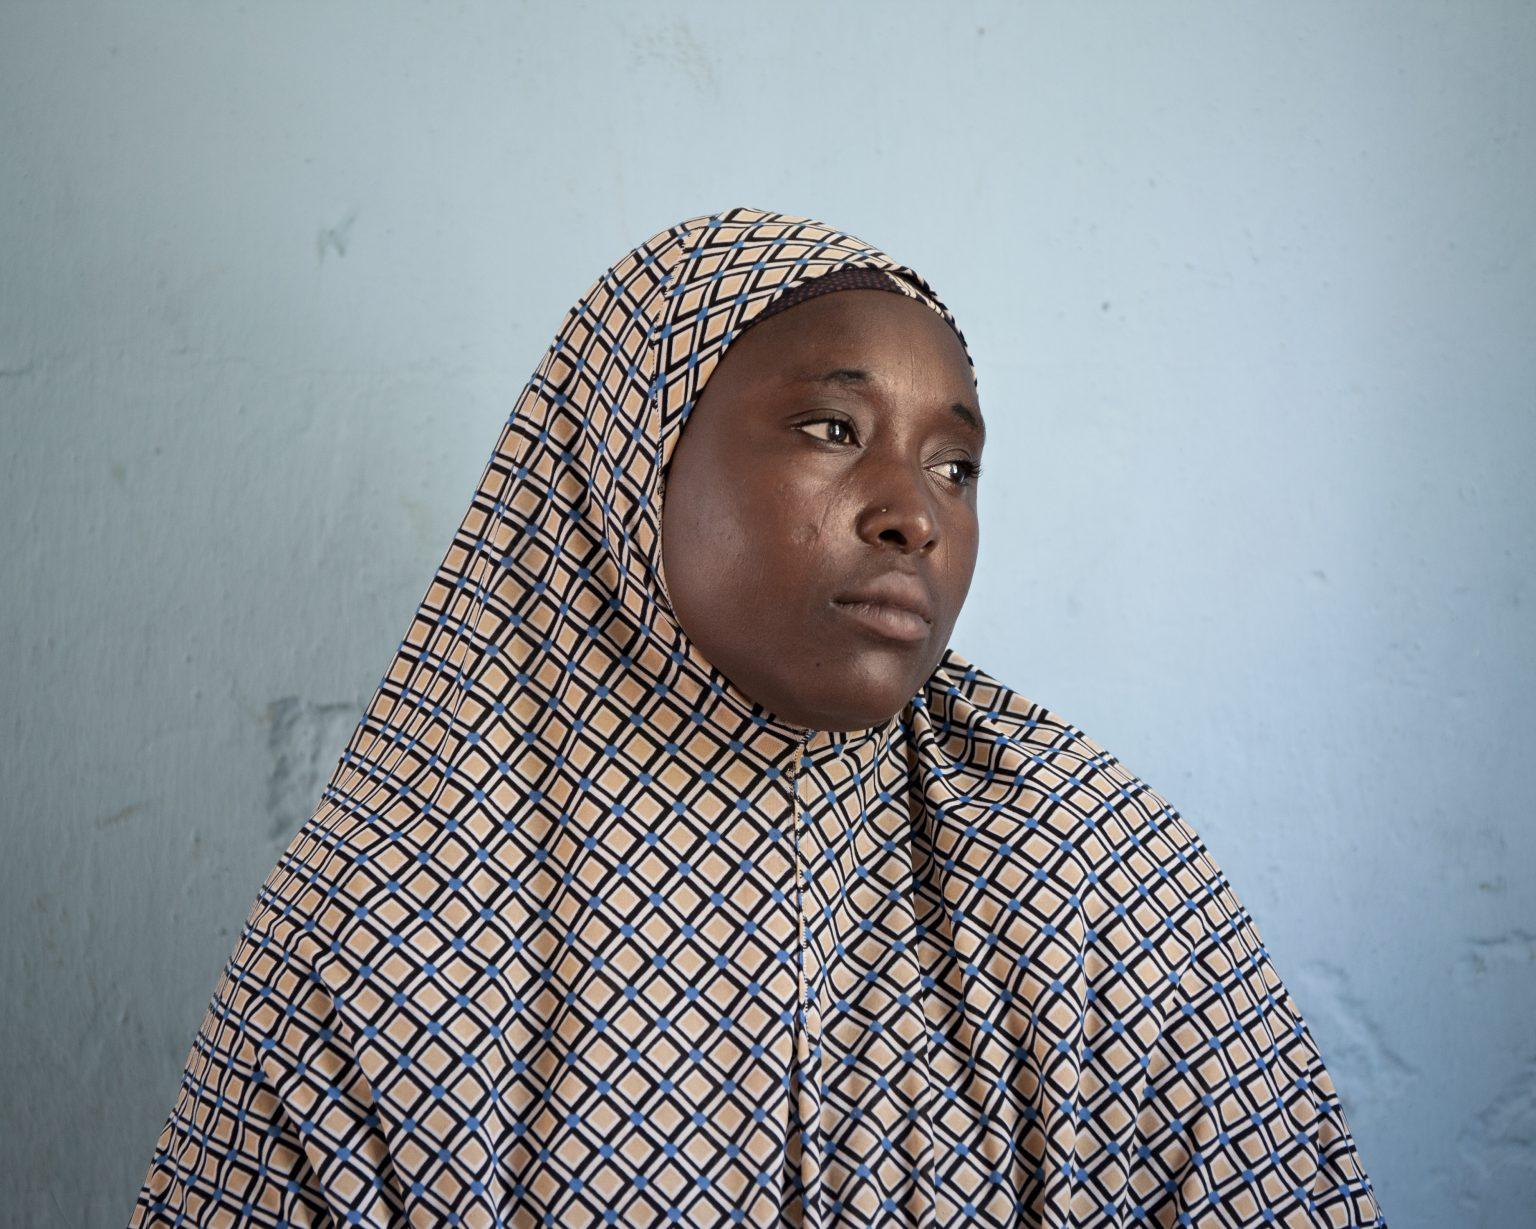 Bama, Borno State (Nigeria). A camp for internally displaced people. Halima, 25, was kidnapped by Boko Haram with her husband and children. She has lost two children: one of them was killed by her husband's brother, who militates with Boko Haram. >< Bama, Stato di Borno (Nigeria). Campo per sfollati. Halima, 25 anni, è stata rapita da Boko Haram insieme al marito e ai figli. Ha perso due bambini: uno di loro è stato ucciso dal fratello del marito, che milita con Boko Haram.